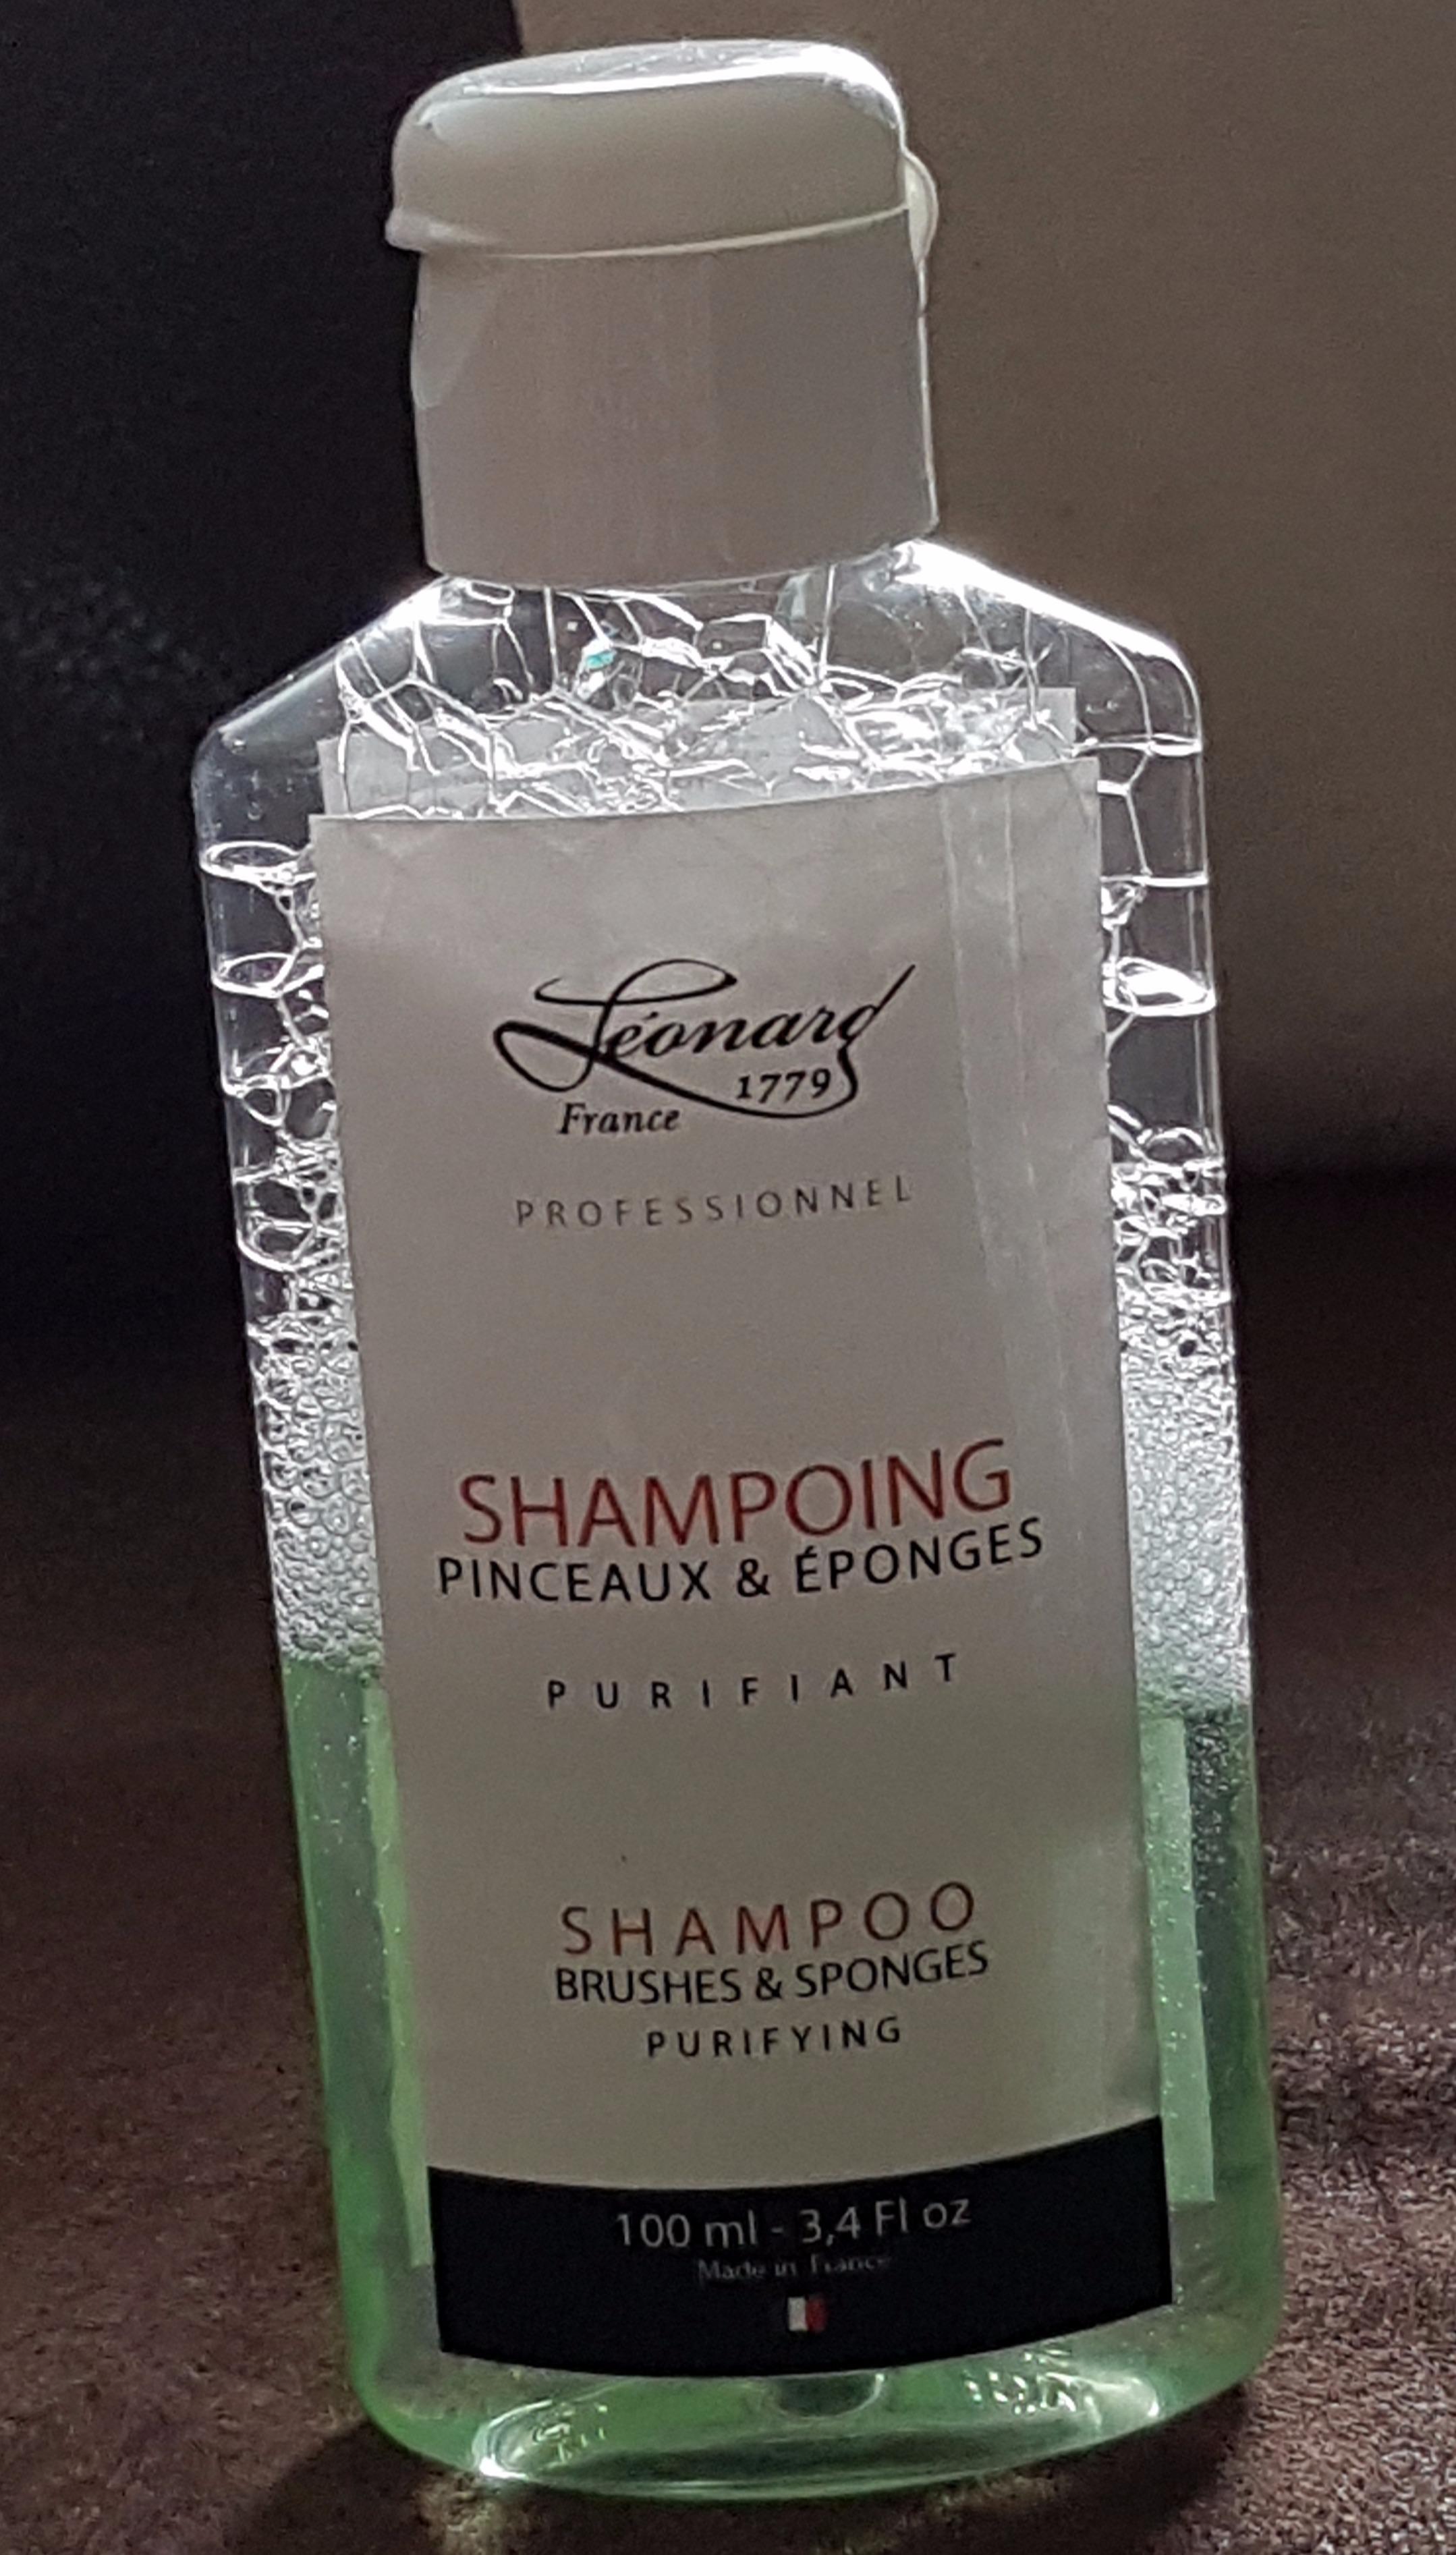 J'ai testé pour vous le shampoing pour pinceaux et éponges PURIFIANT de Léonard